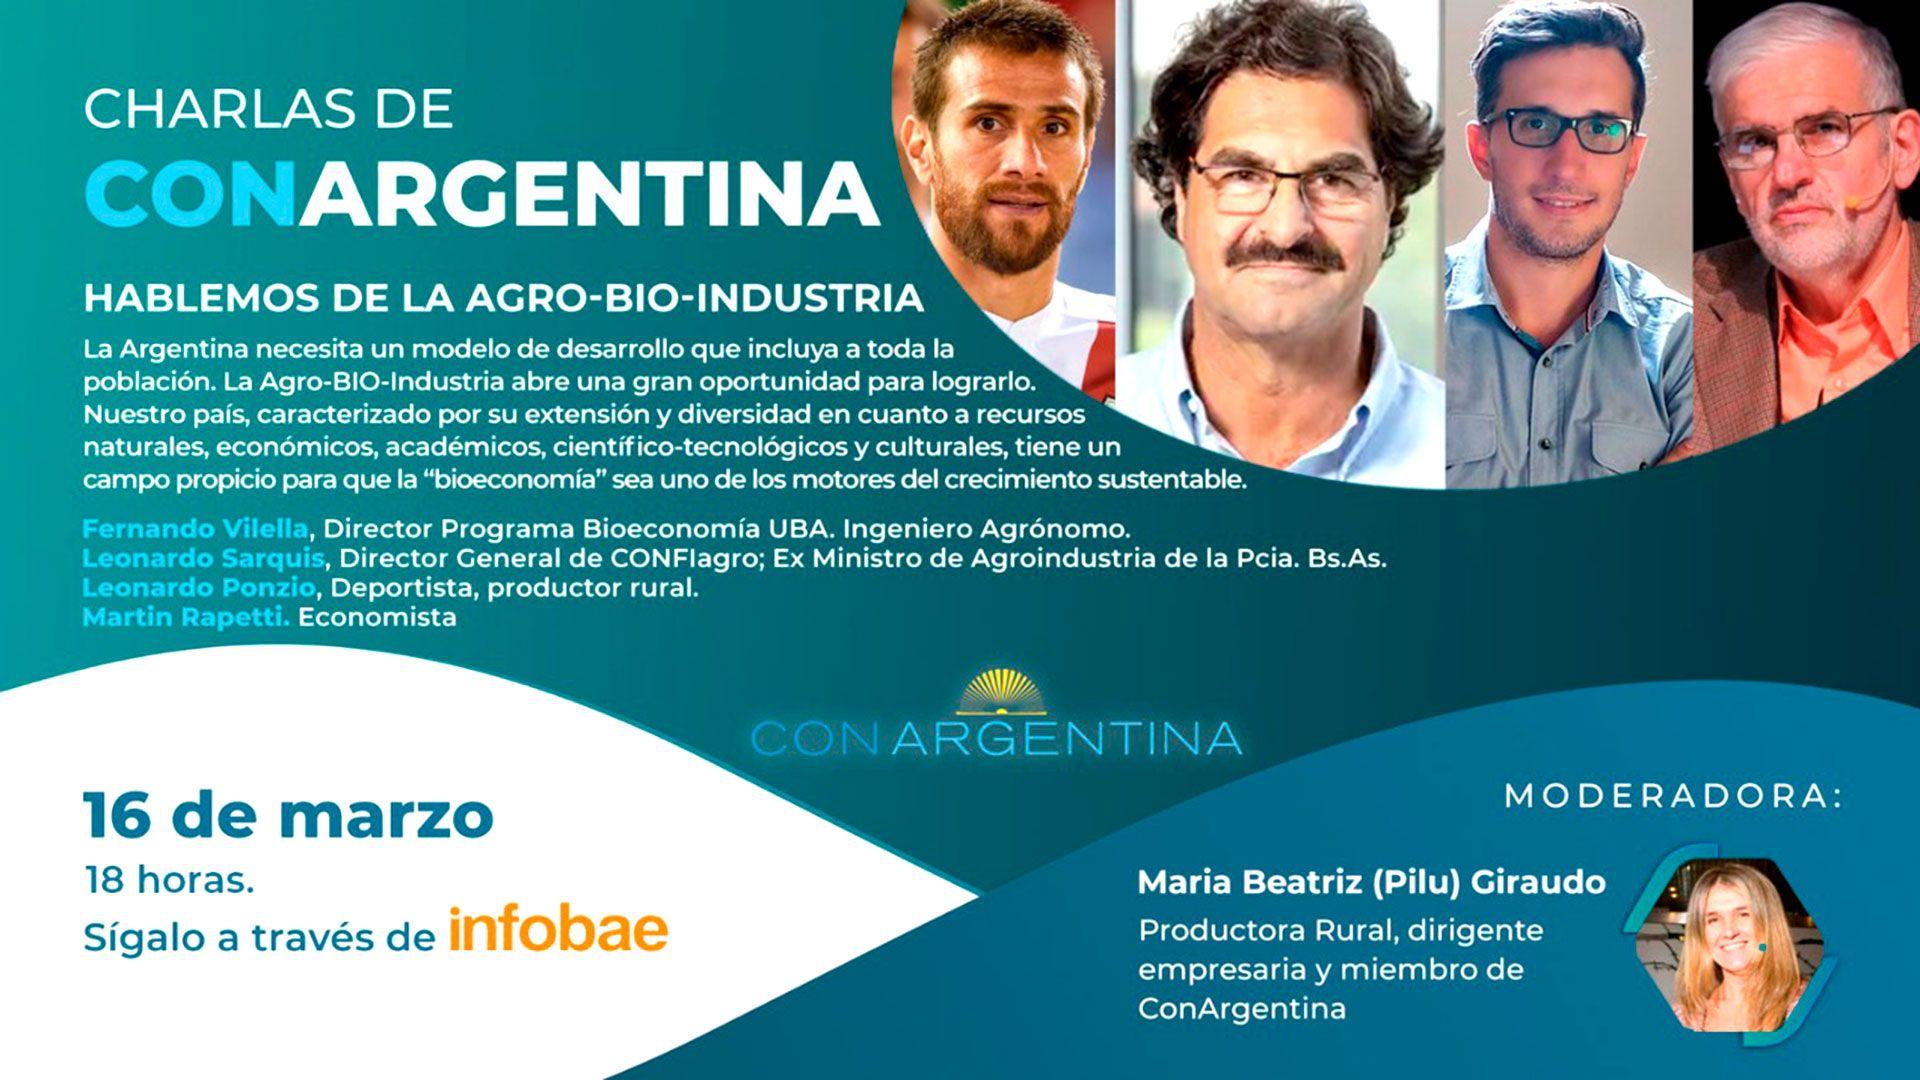 charlas-con-argentina-portada